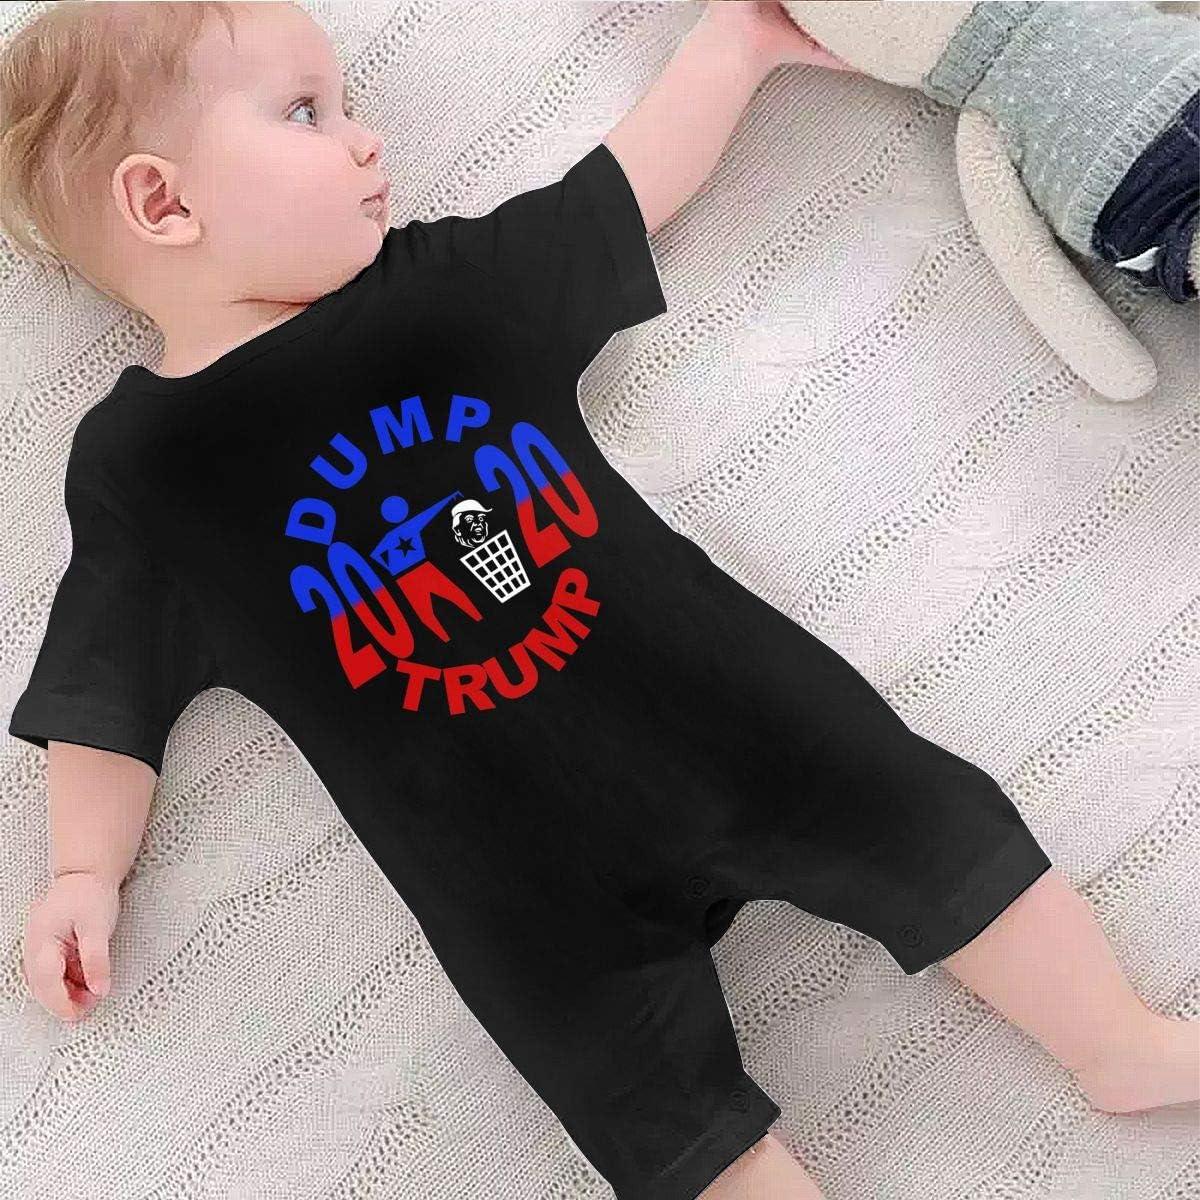 QMJJJP Dump Trump 2020 Baby Short Sleeve Jumpsuit Unisex Climbing Suit